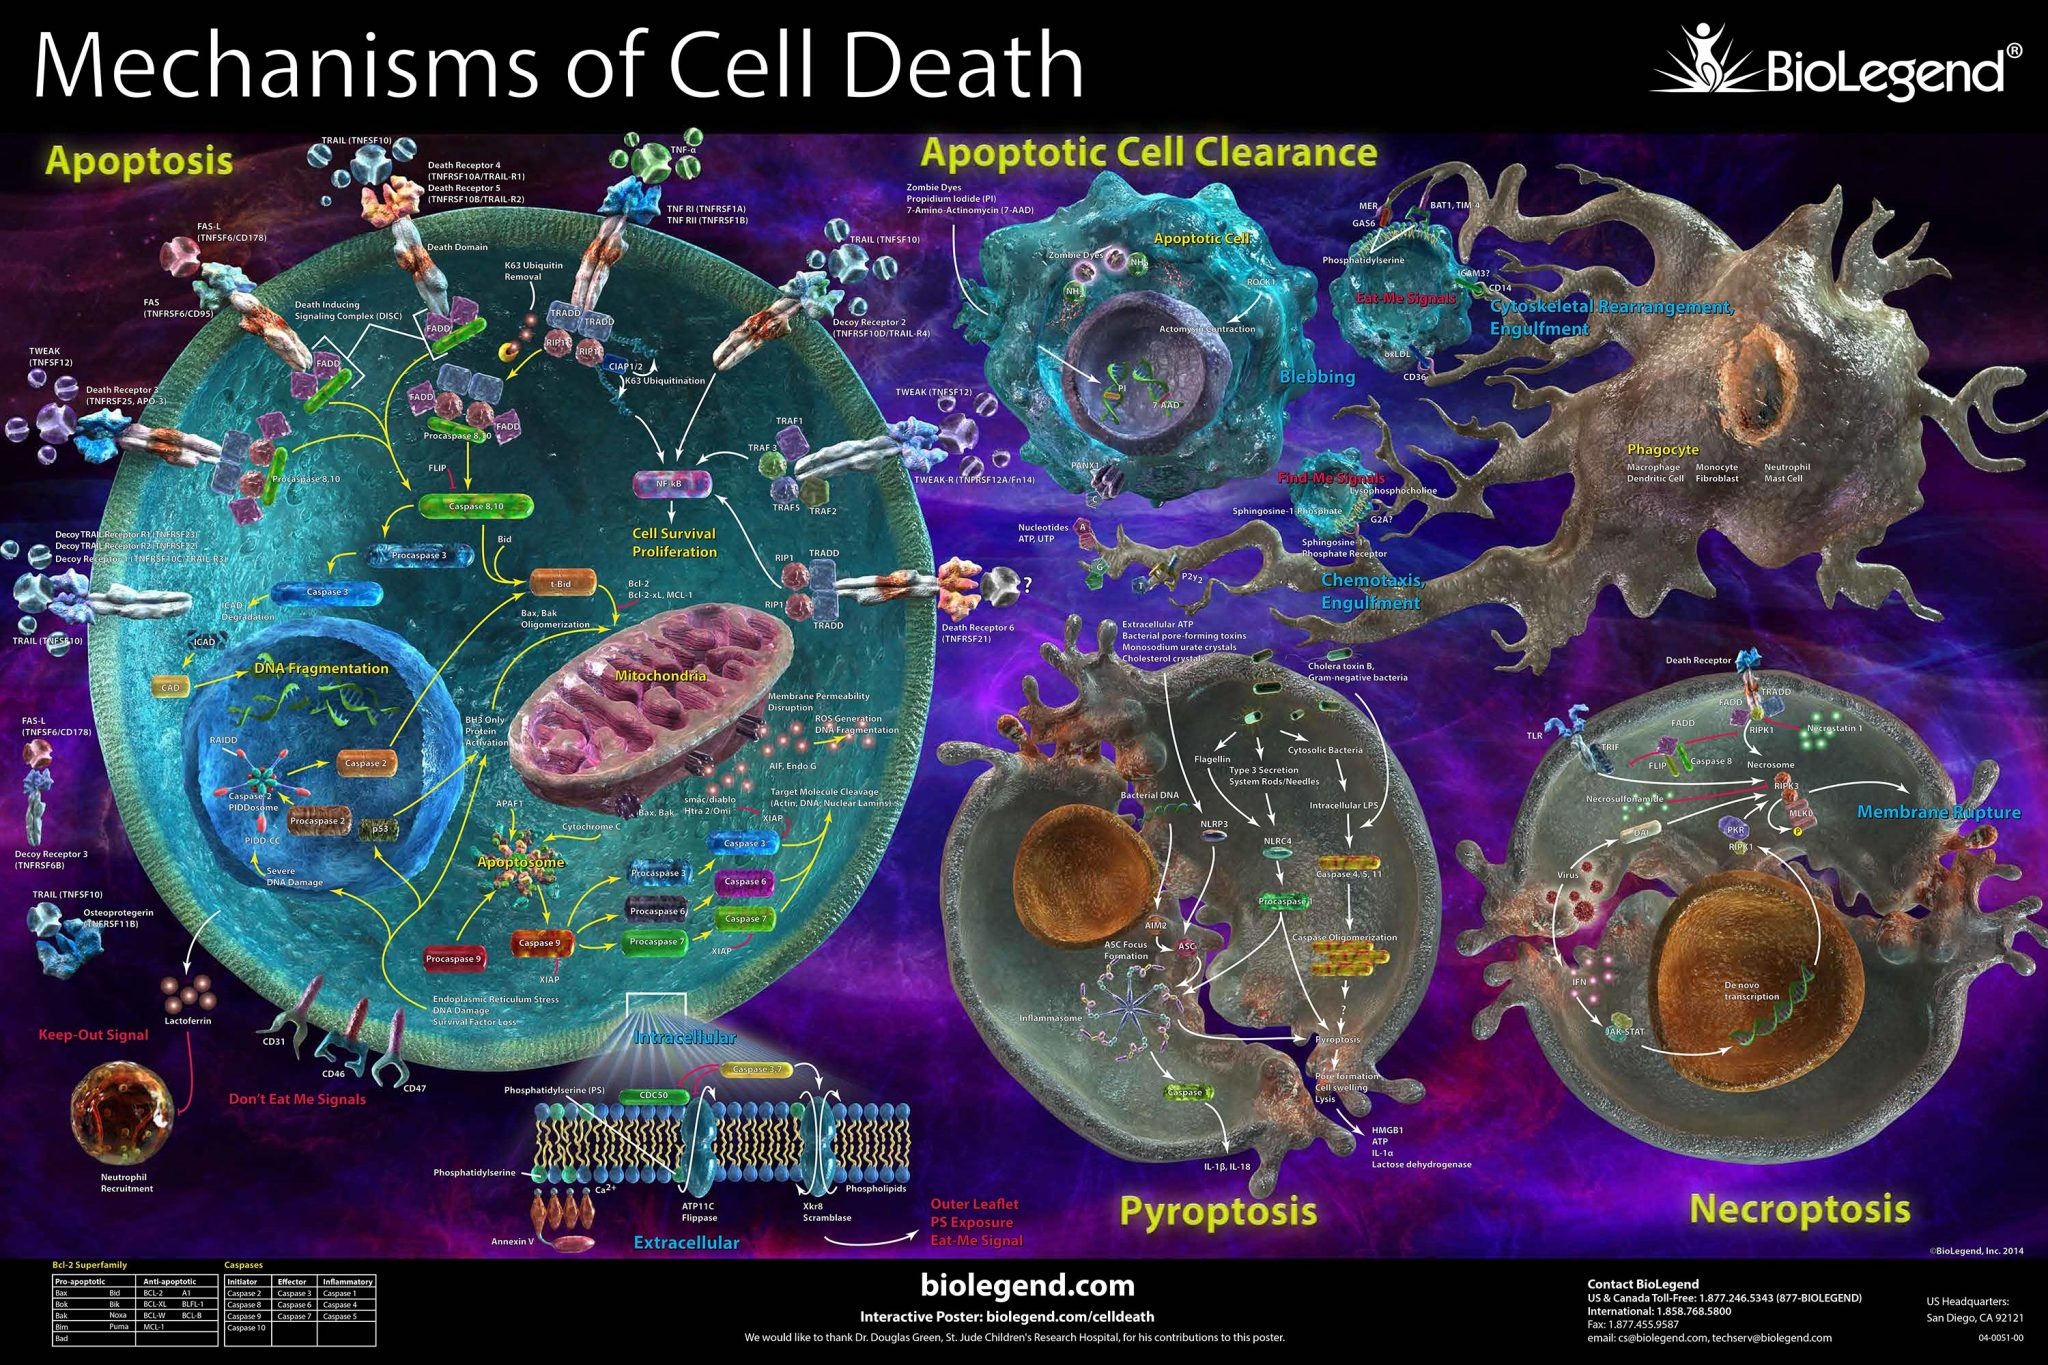 Morte cellulare